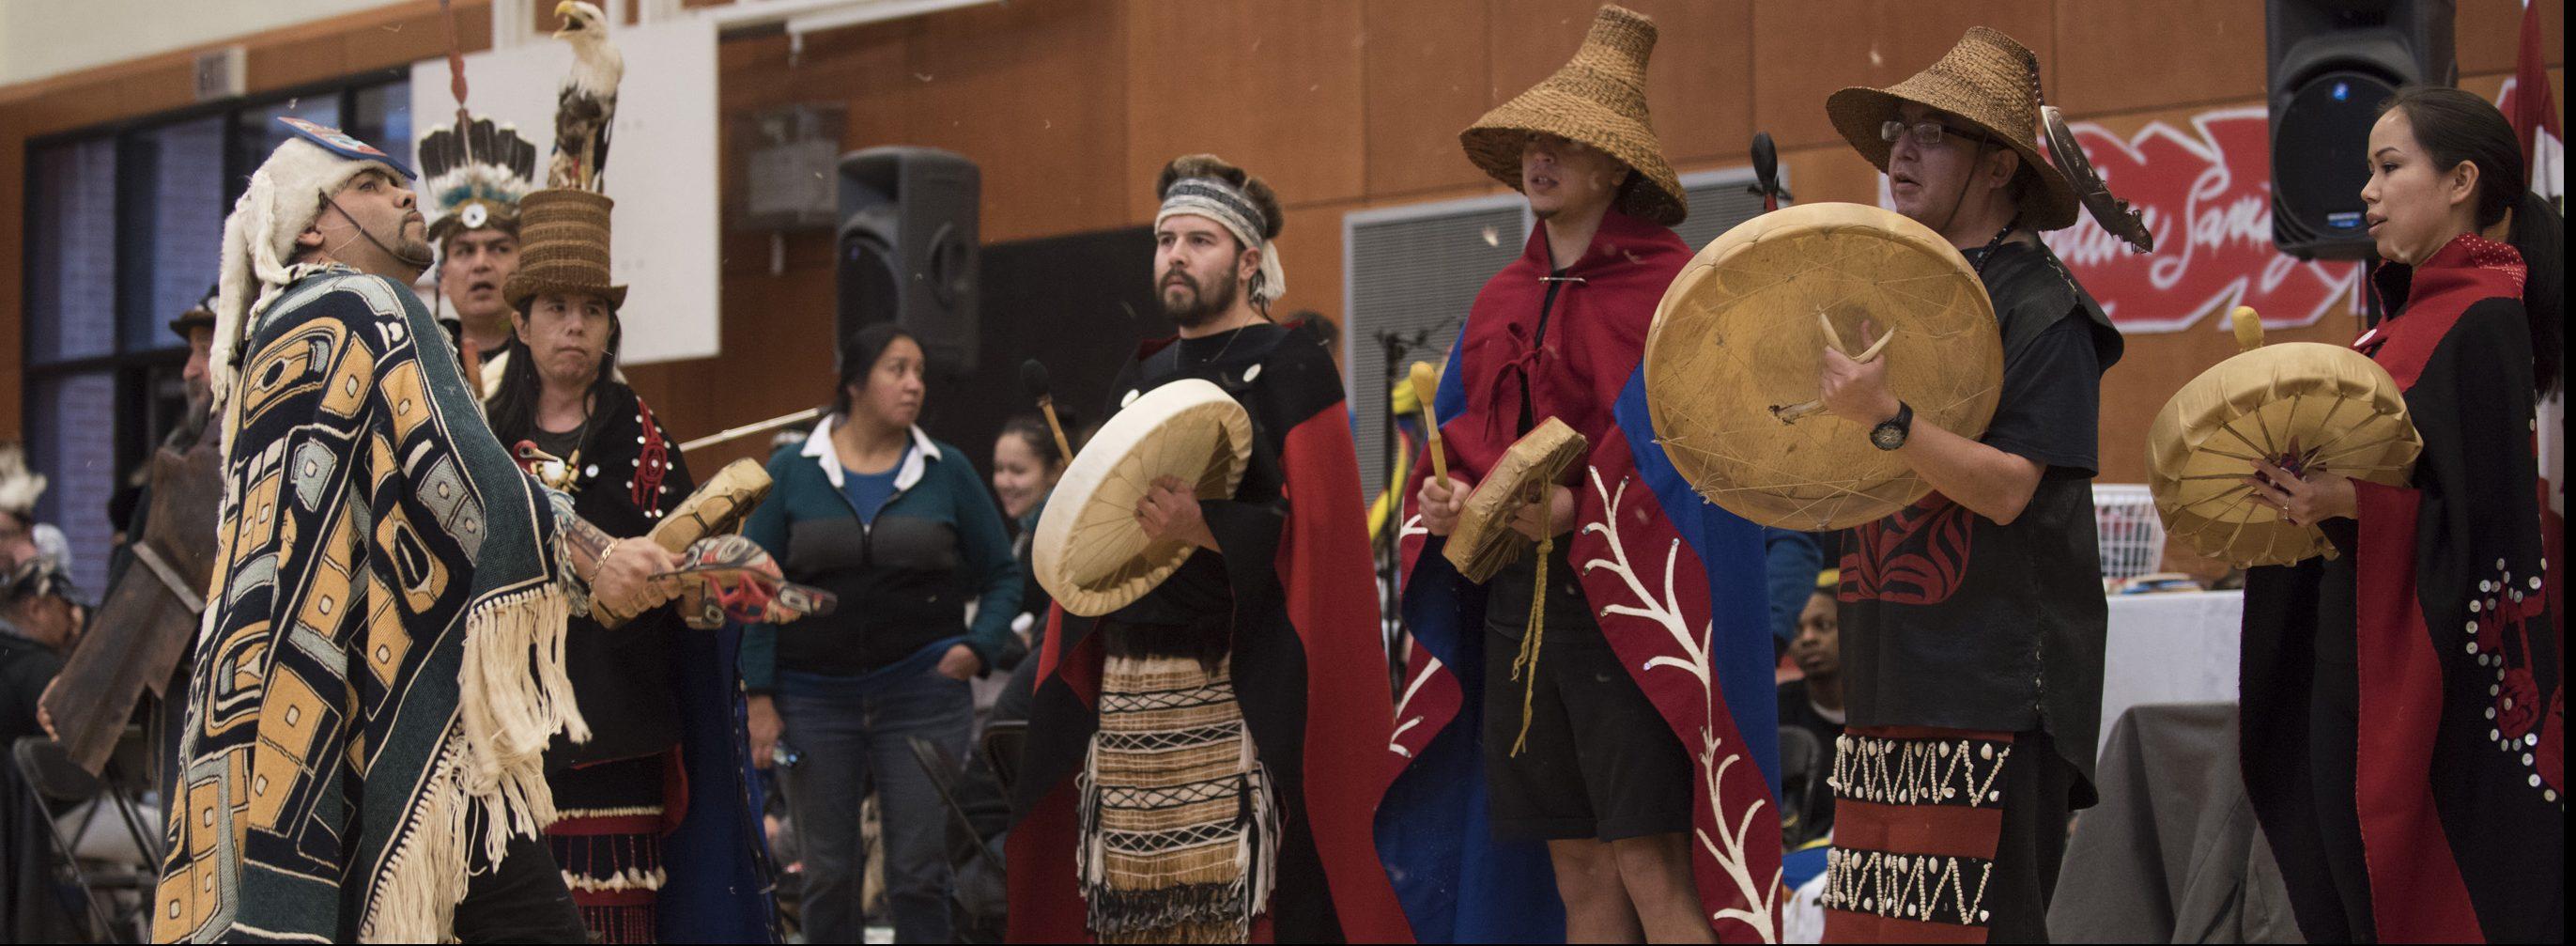 Celebration of Powwow Culture